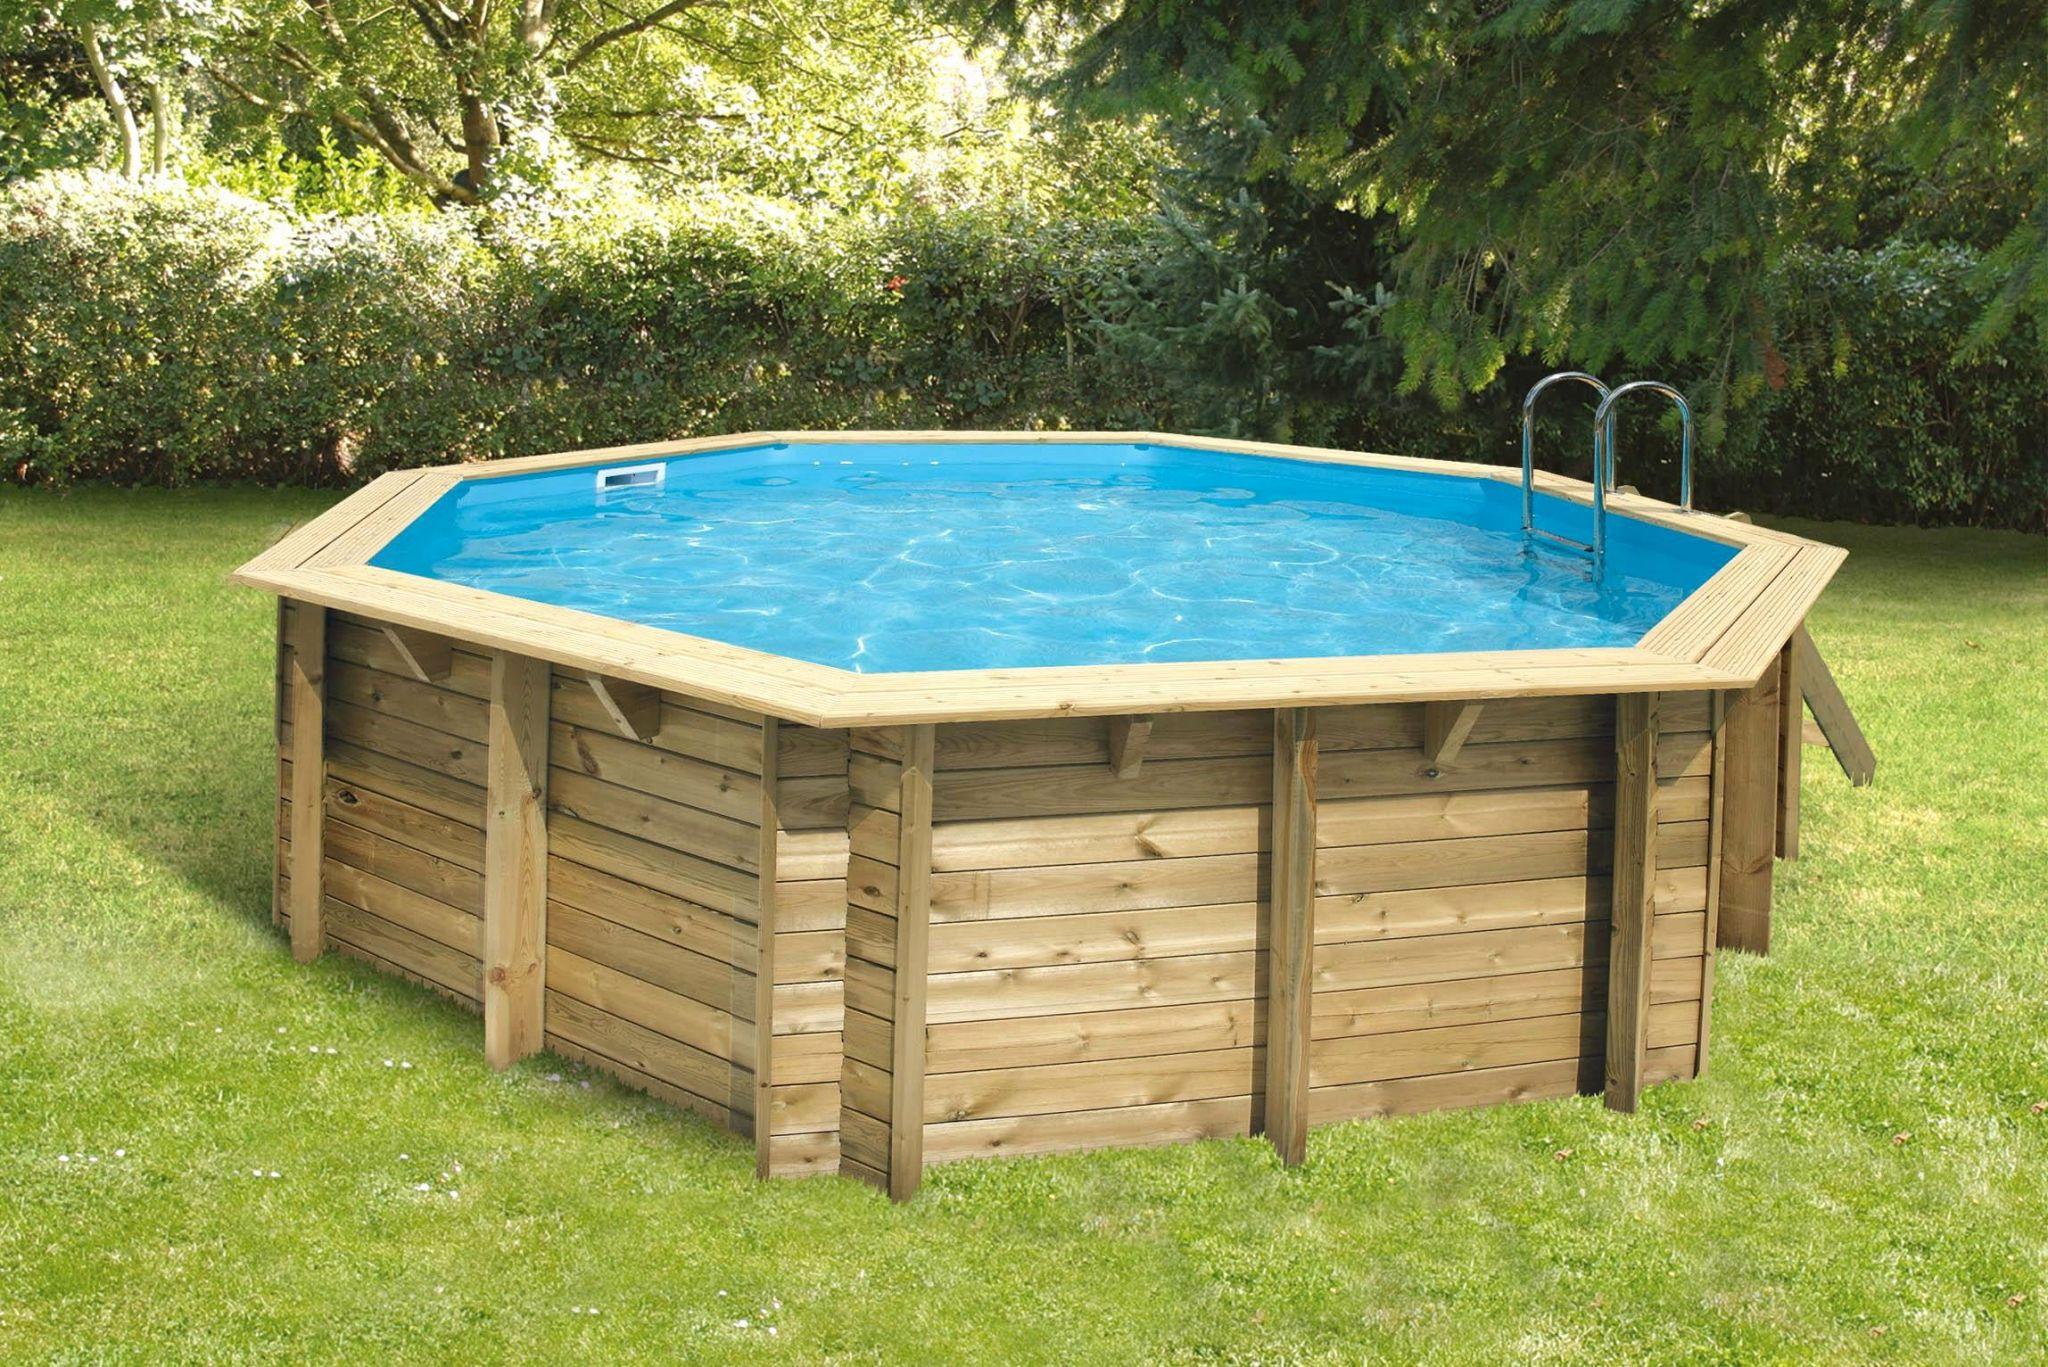 tonnelle 2x3 carrefour genial piscine de jardin prix et interessant prix piscine bois ou piscine la photographie of tonnelle 2x3 carrefour